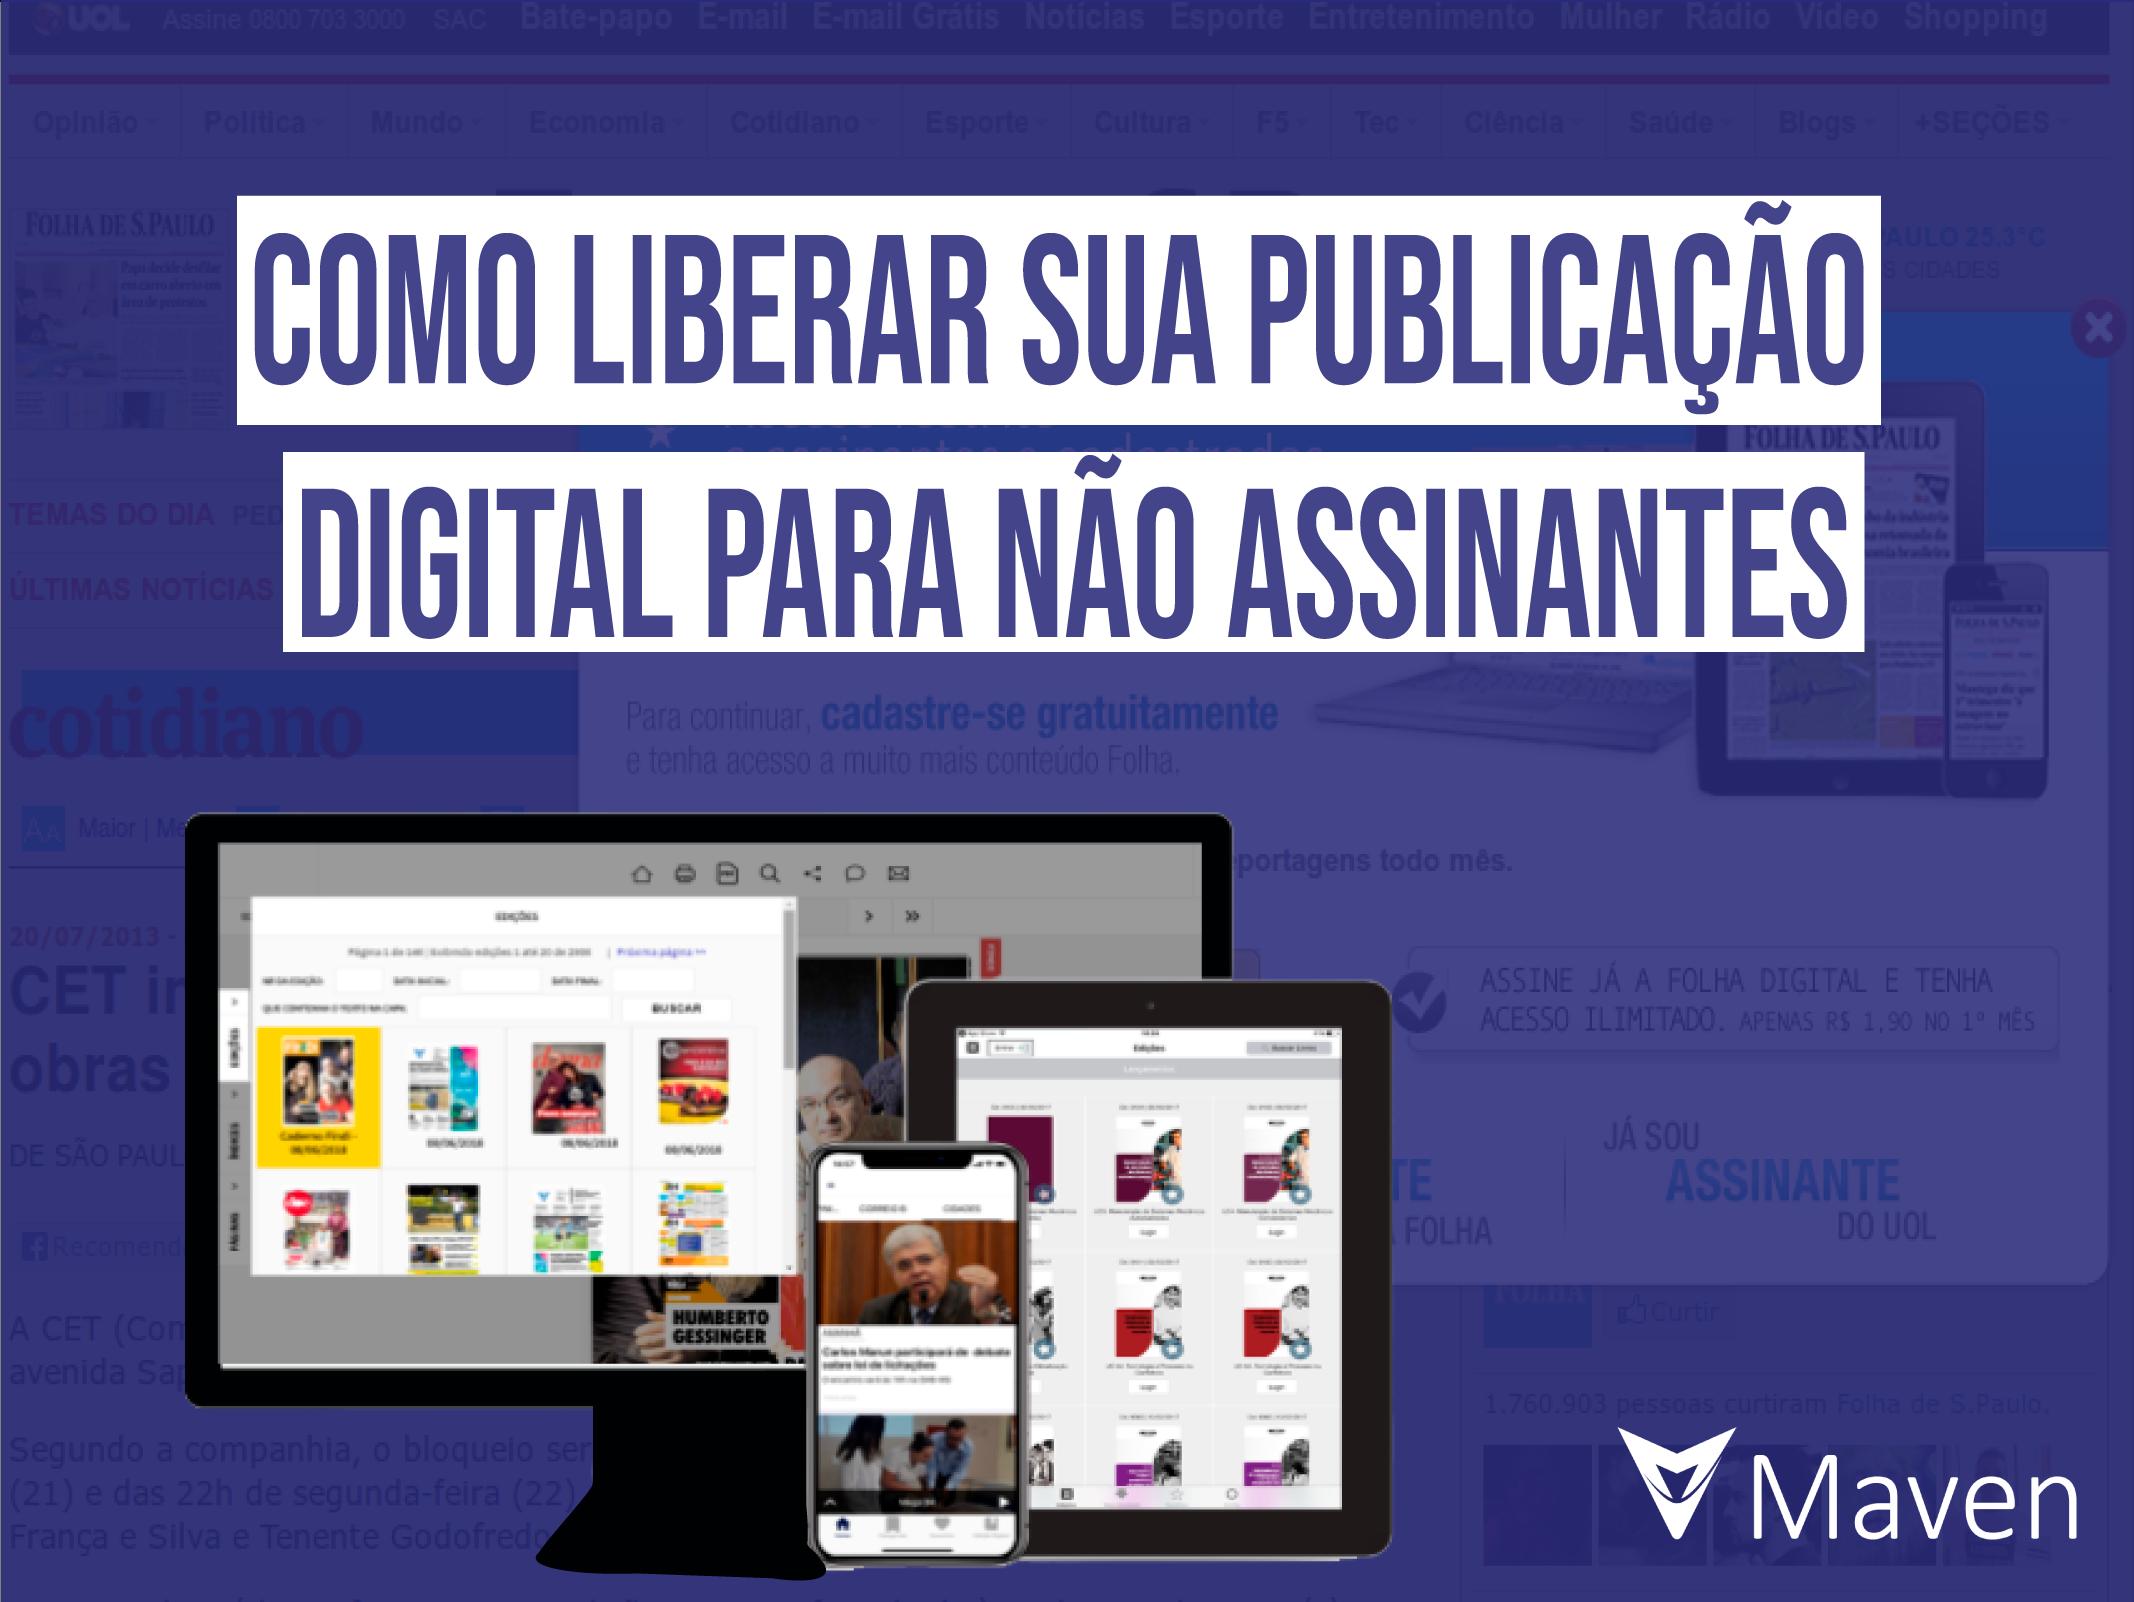 Como liberar sua publicação digital para não assinantes